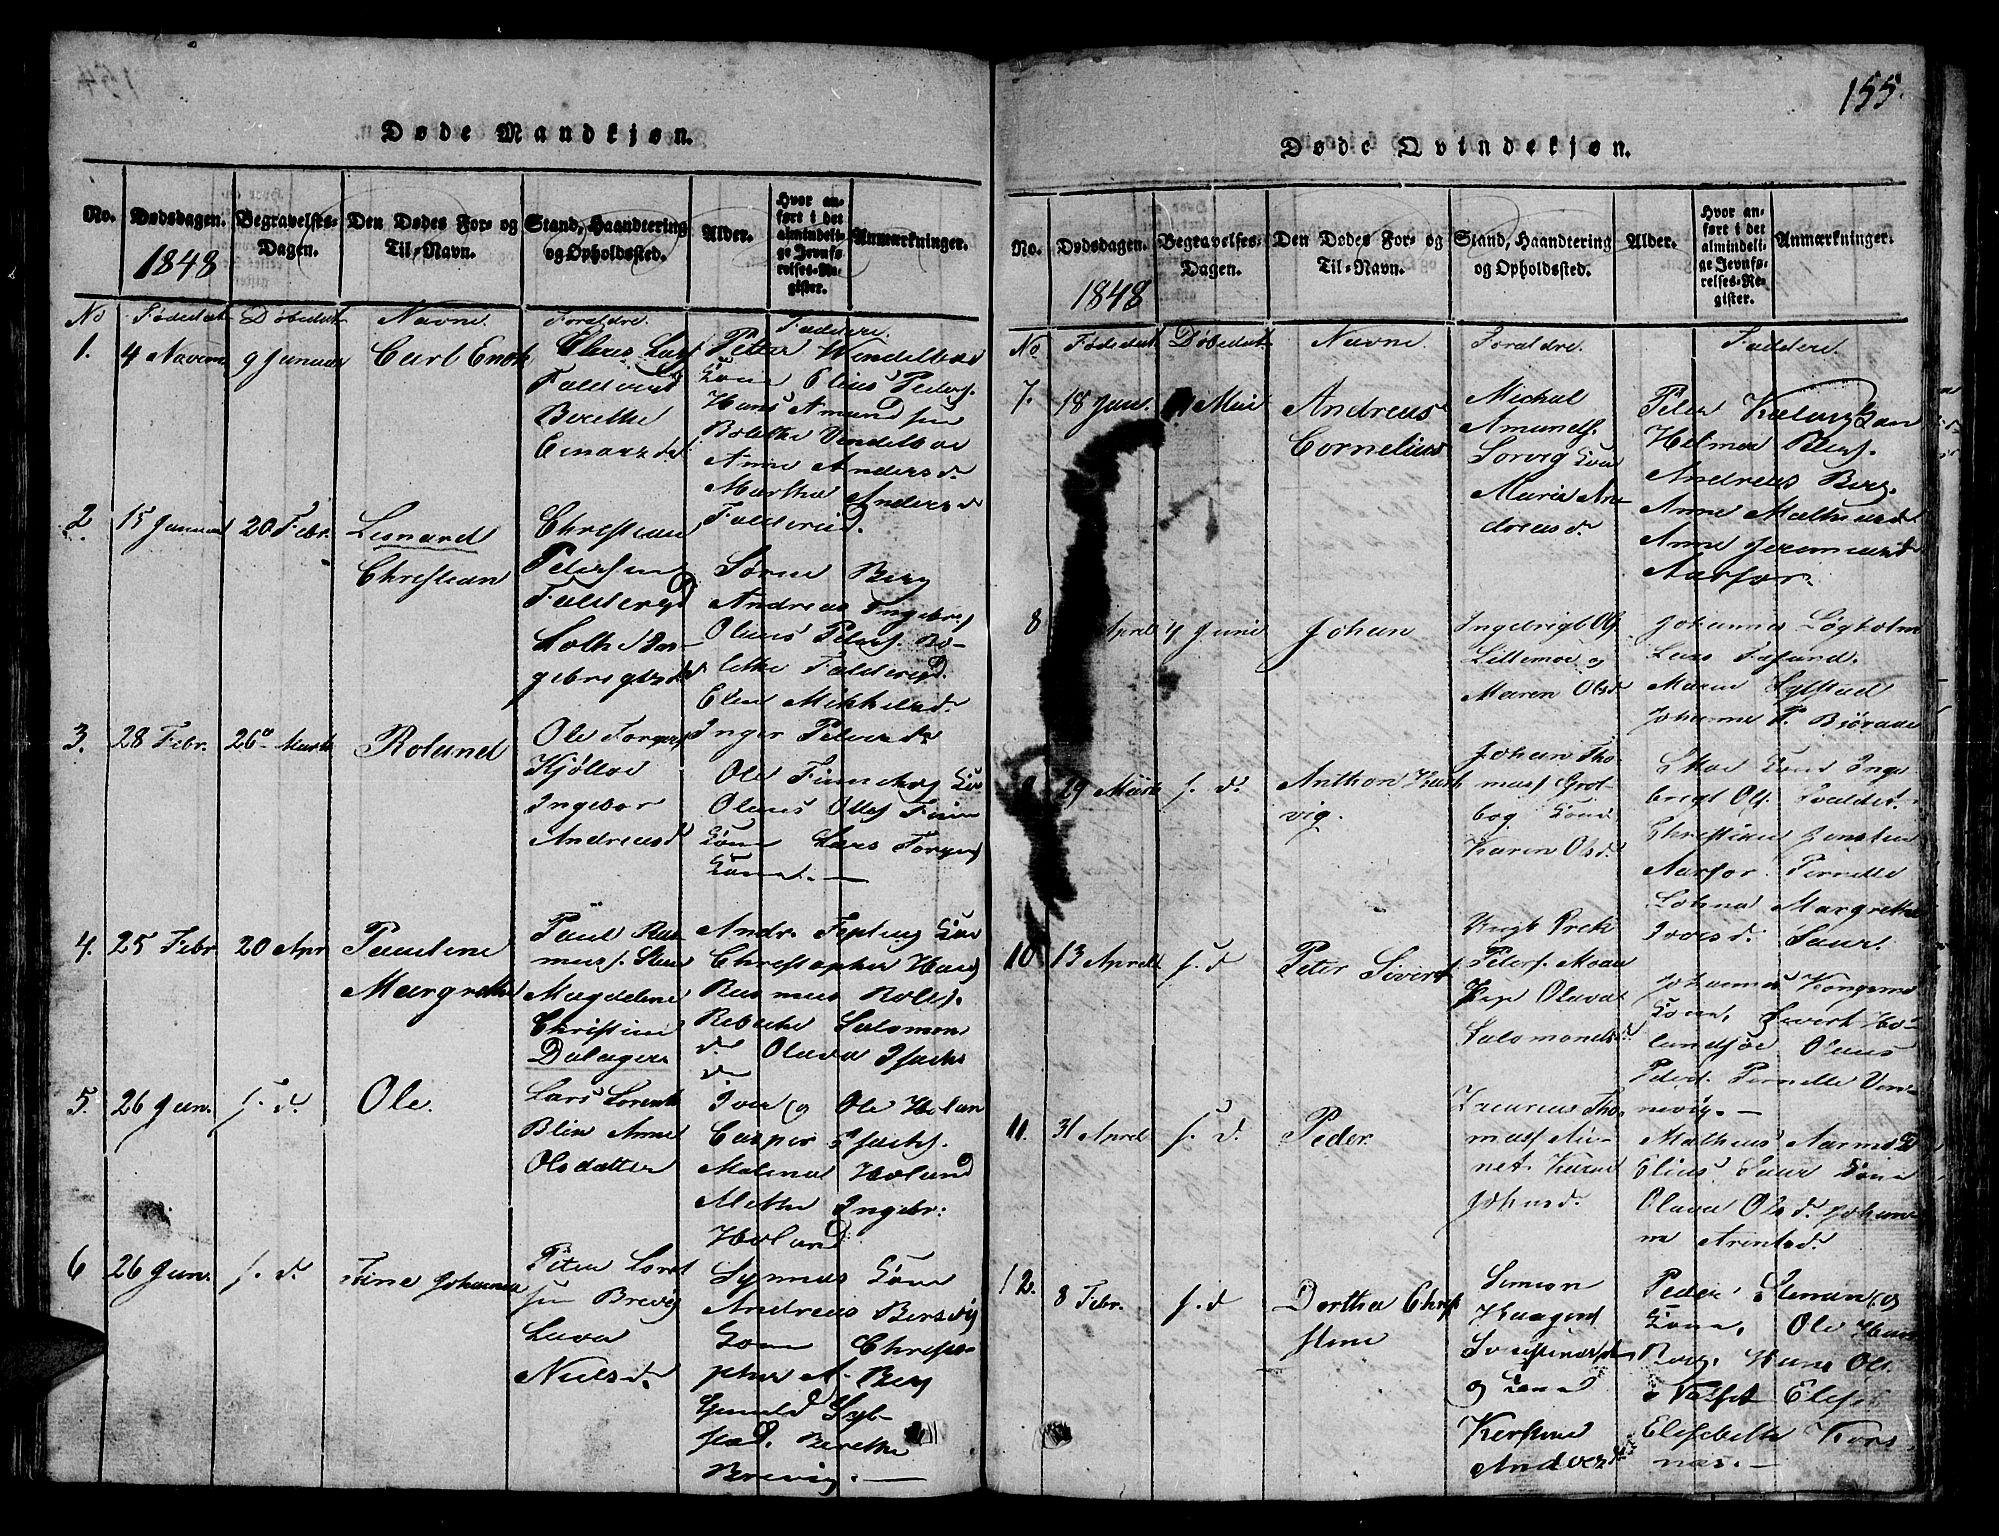 SAT, Ministerialprotokoller, klokkerbøker og fødselsregistre - Nord-Trøndelag, 780/L0648: Klokkerbok nr. 780C01 /3, 1815-1877, s. 155